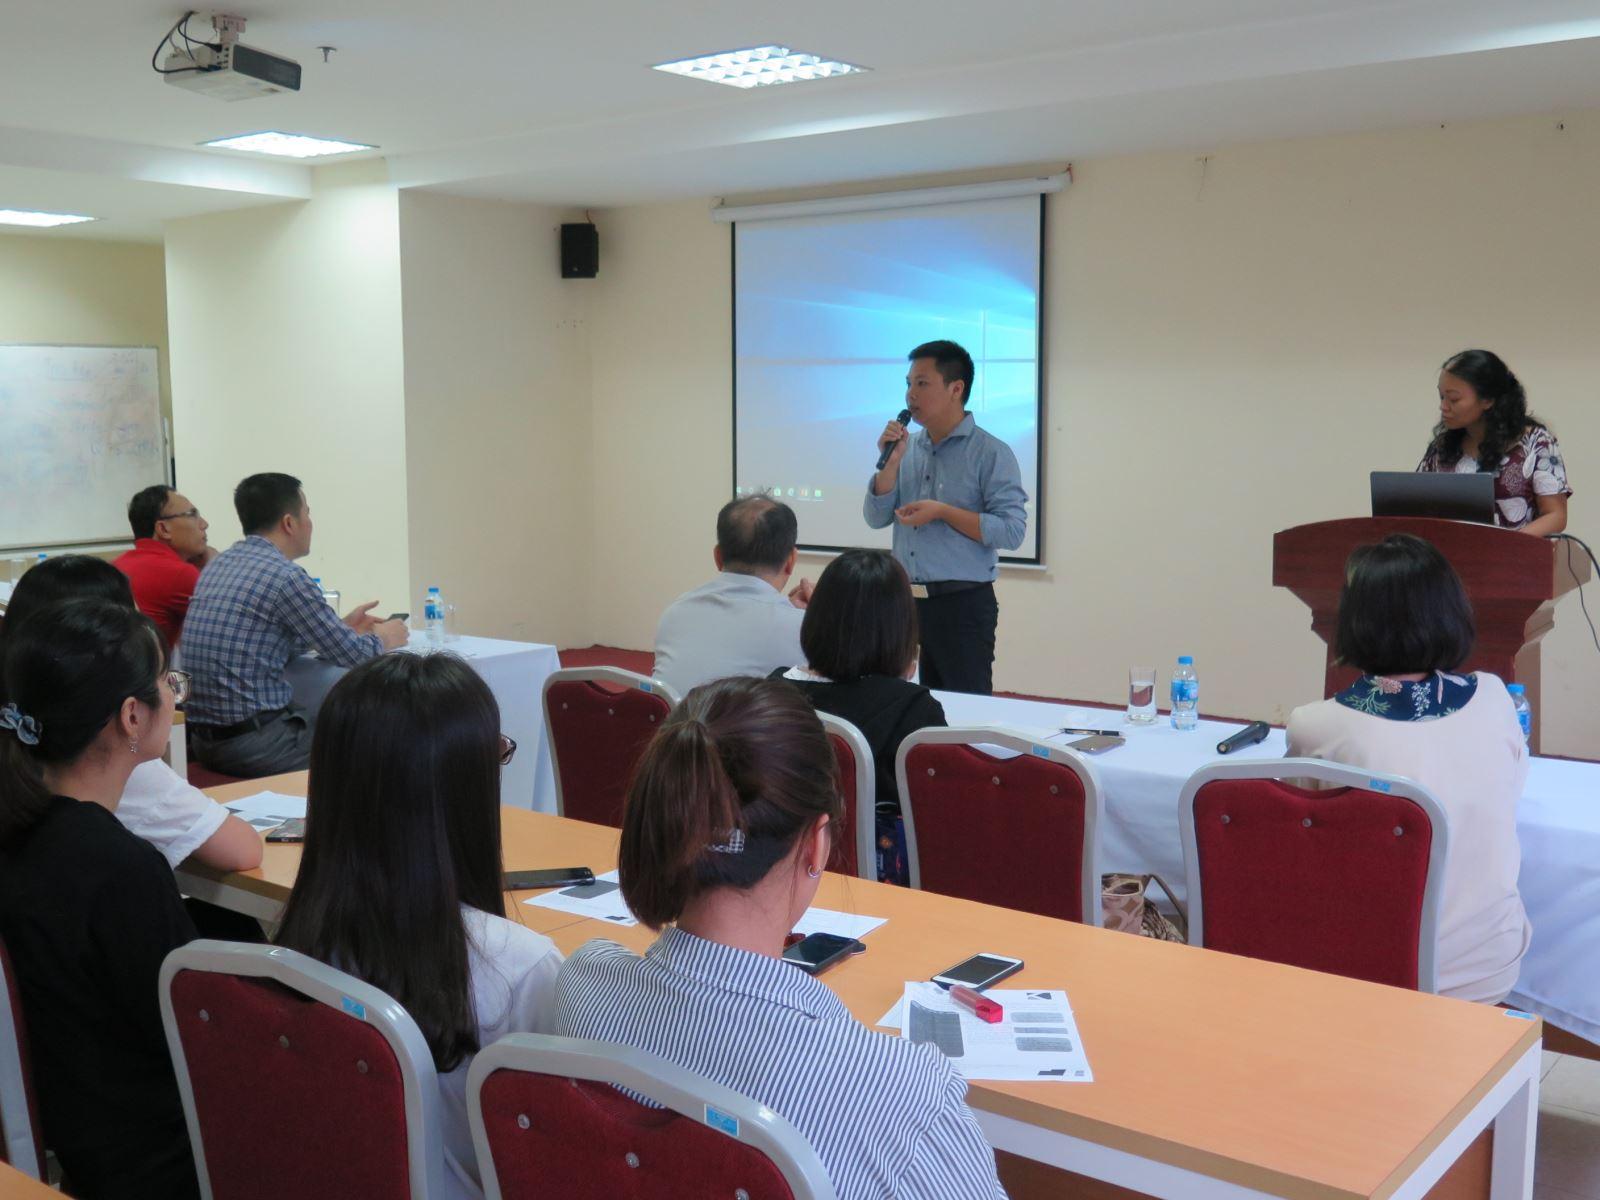 Cơ hội thực tập hưởng lương cho sinh viên tại Đài Loan